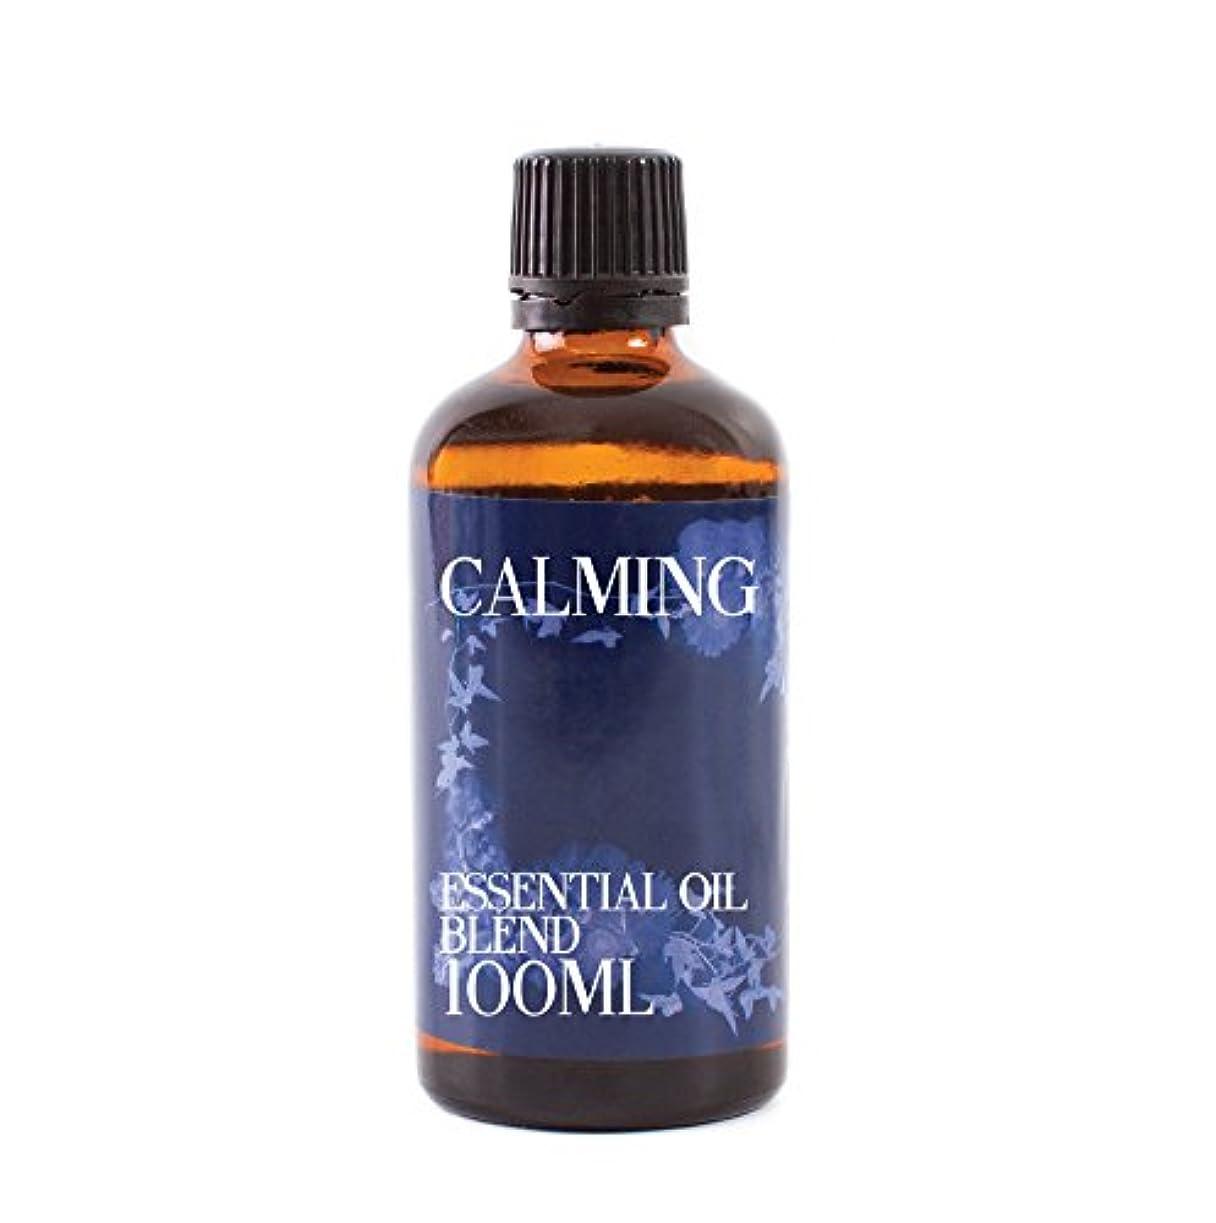 またねむしゃむしゃ種Mystix London | Calming Essential Oil Blend - 100ml - 100% Pure